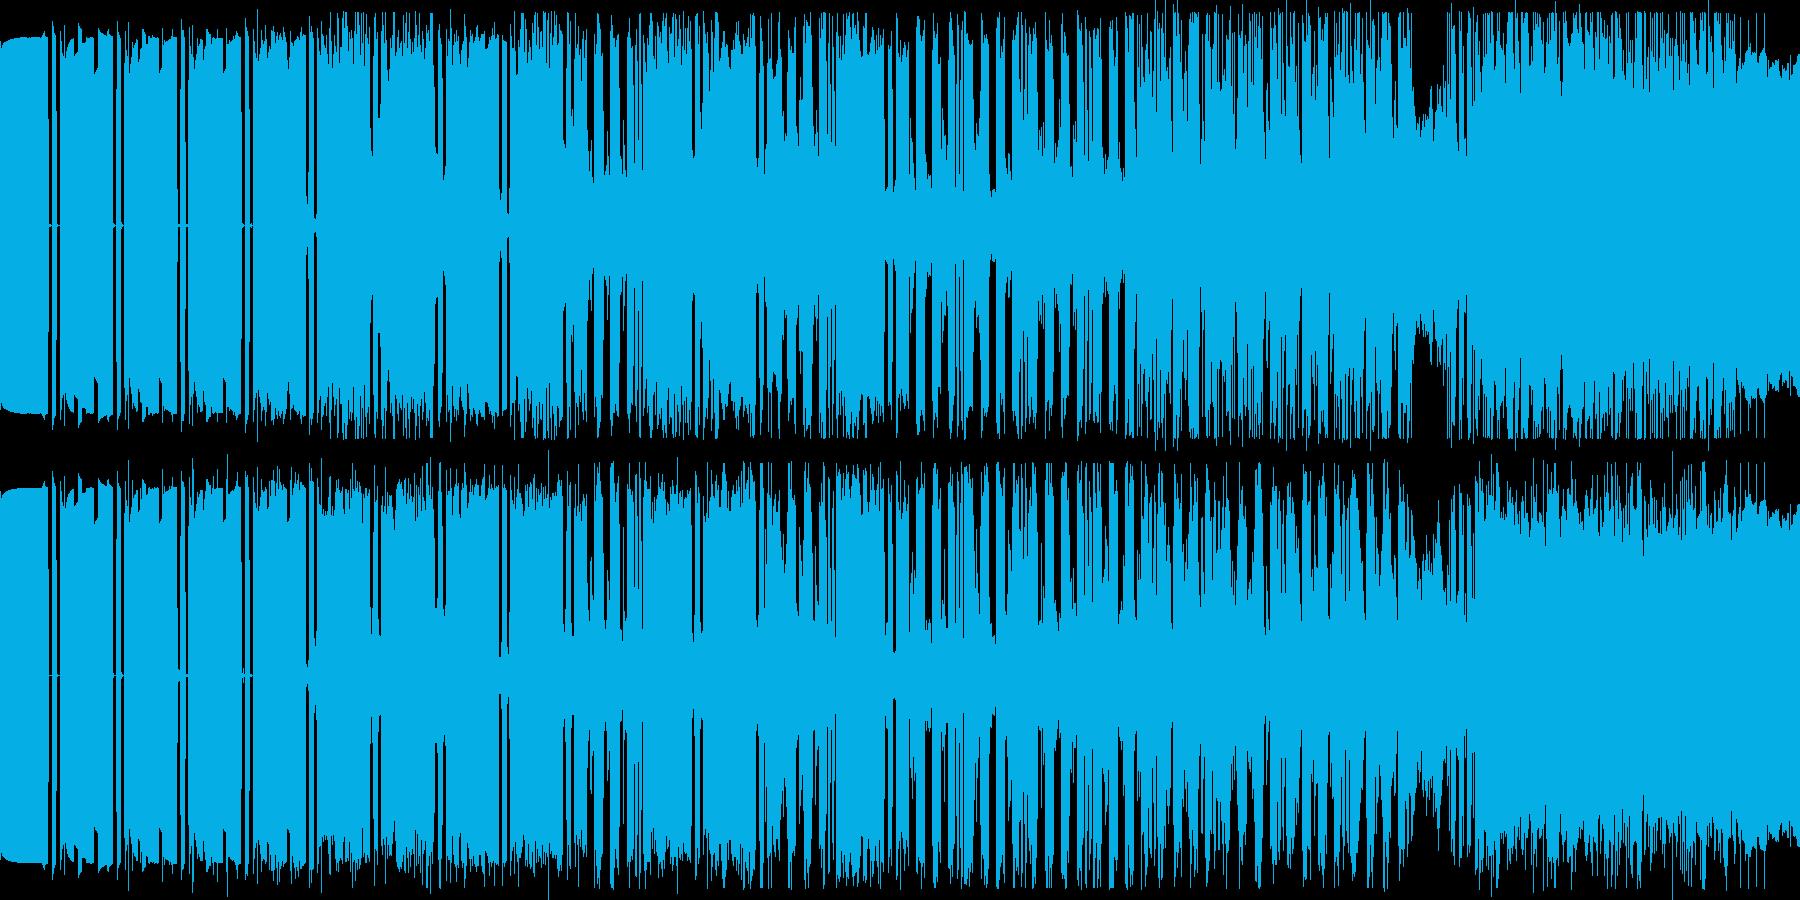 獲物を狙うカエルの歌の再生済みの波形